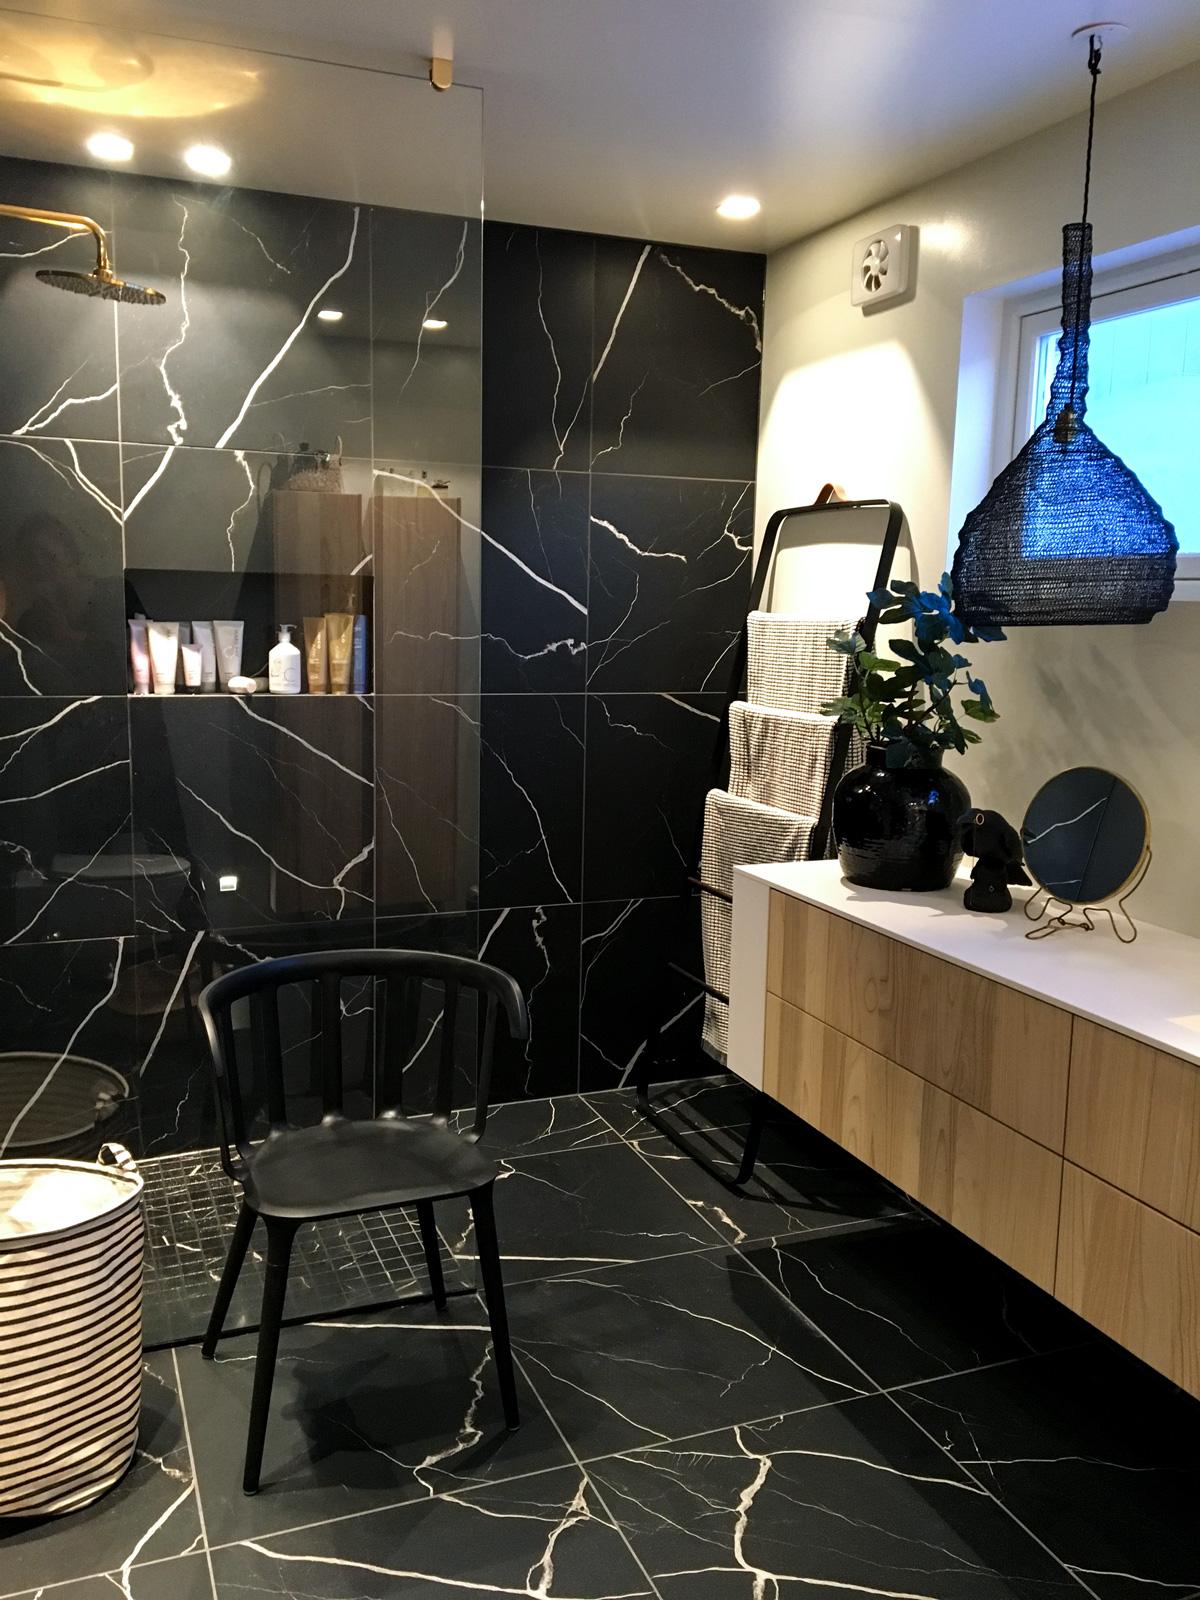 Bagno di marmo with bagno di marmo galleria foto bagni - Bagno di marmo ...